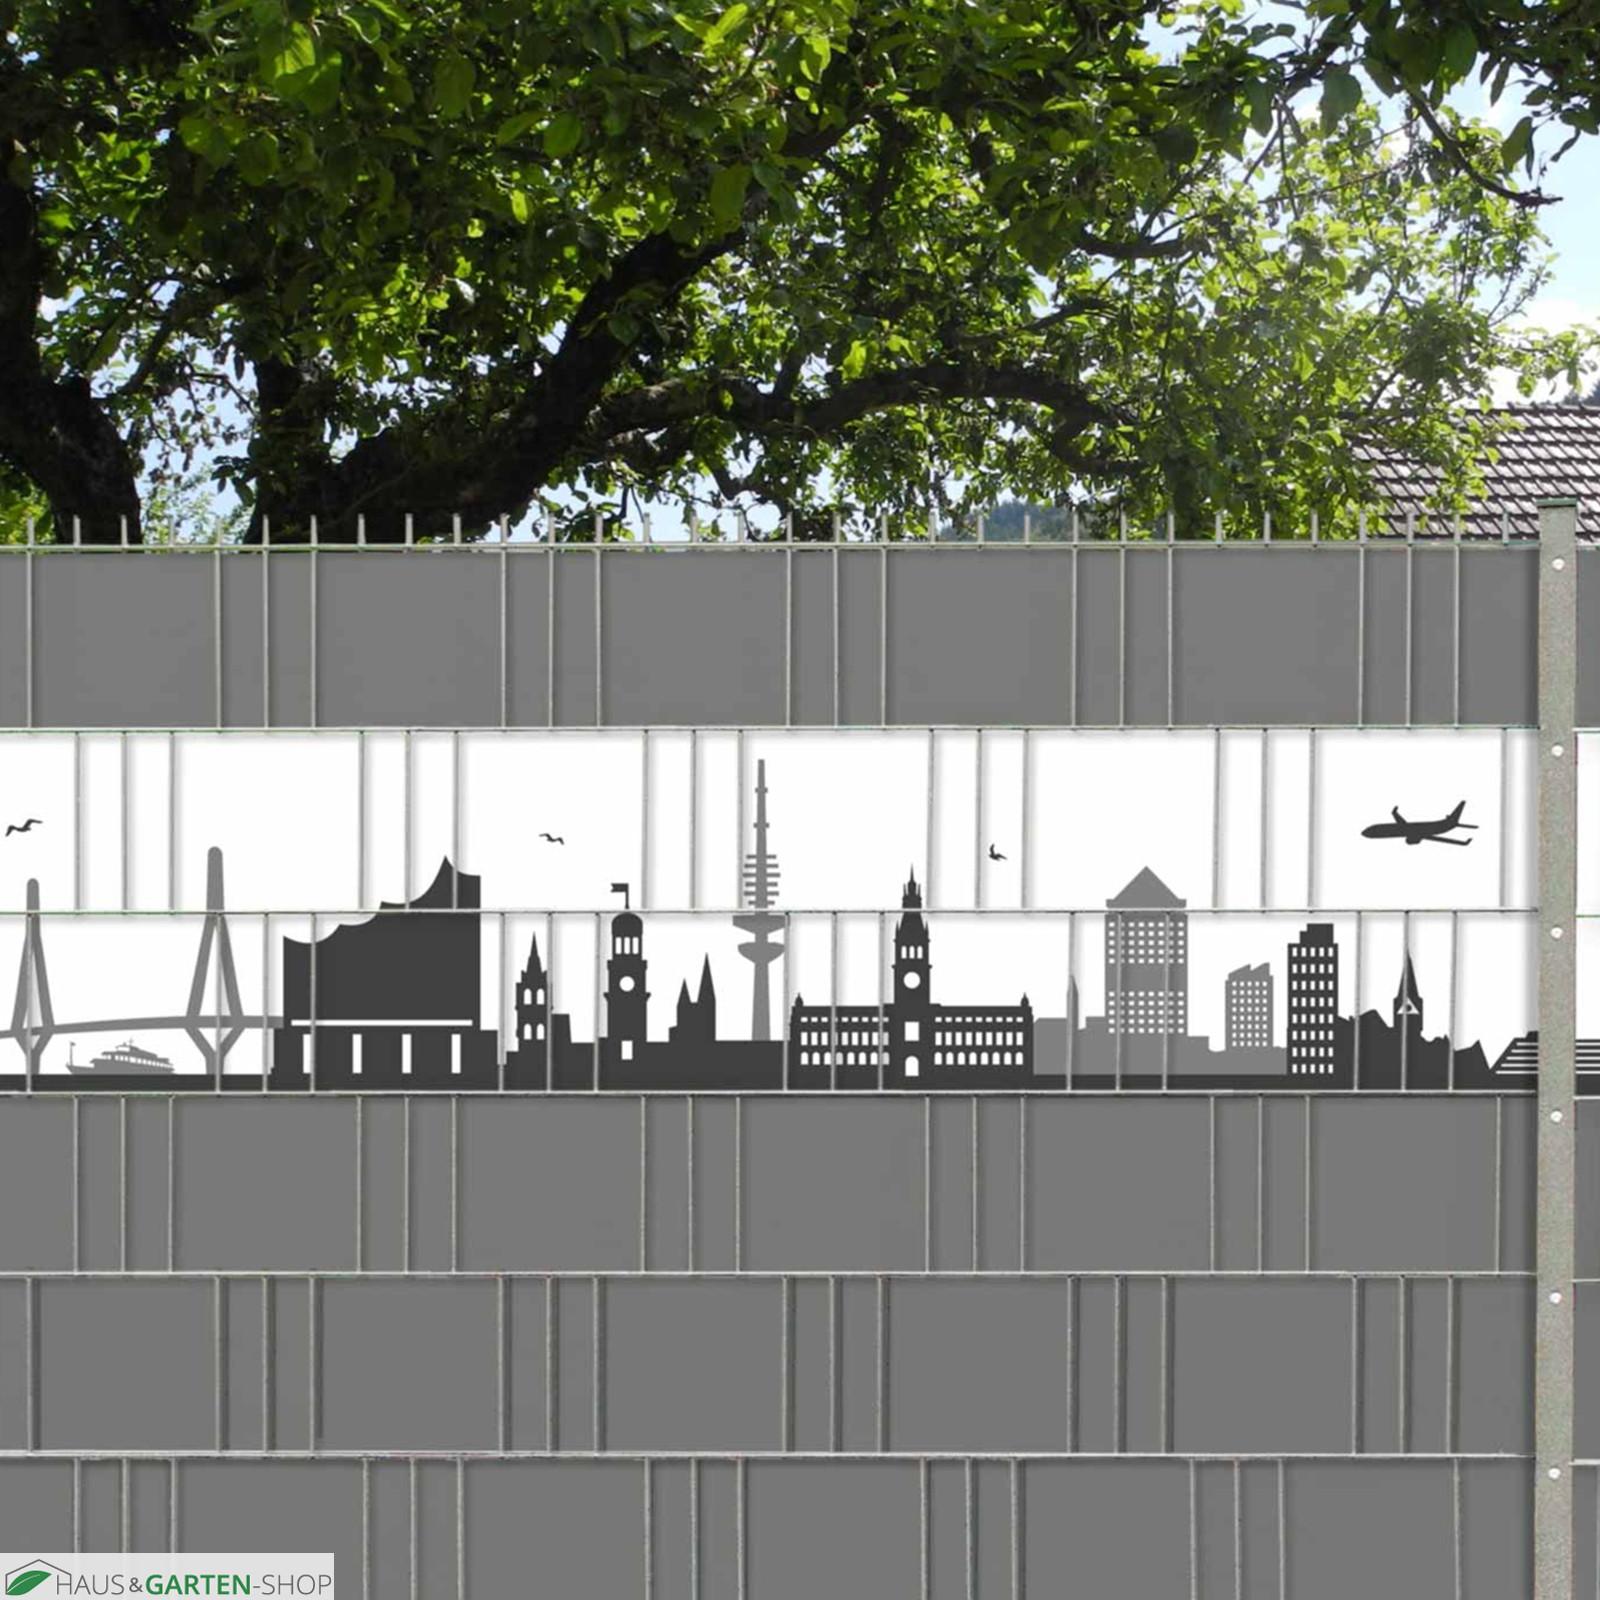 kreative sichtschutzstreifen mit der hamburger skyline. Black Bedroom Furniture Sets. Home Design Ideas